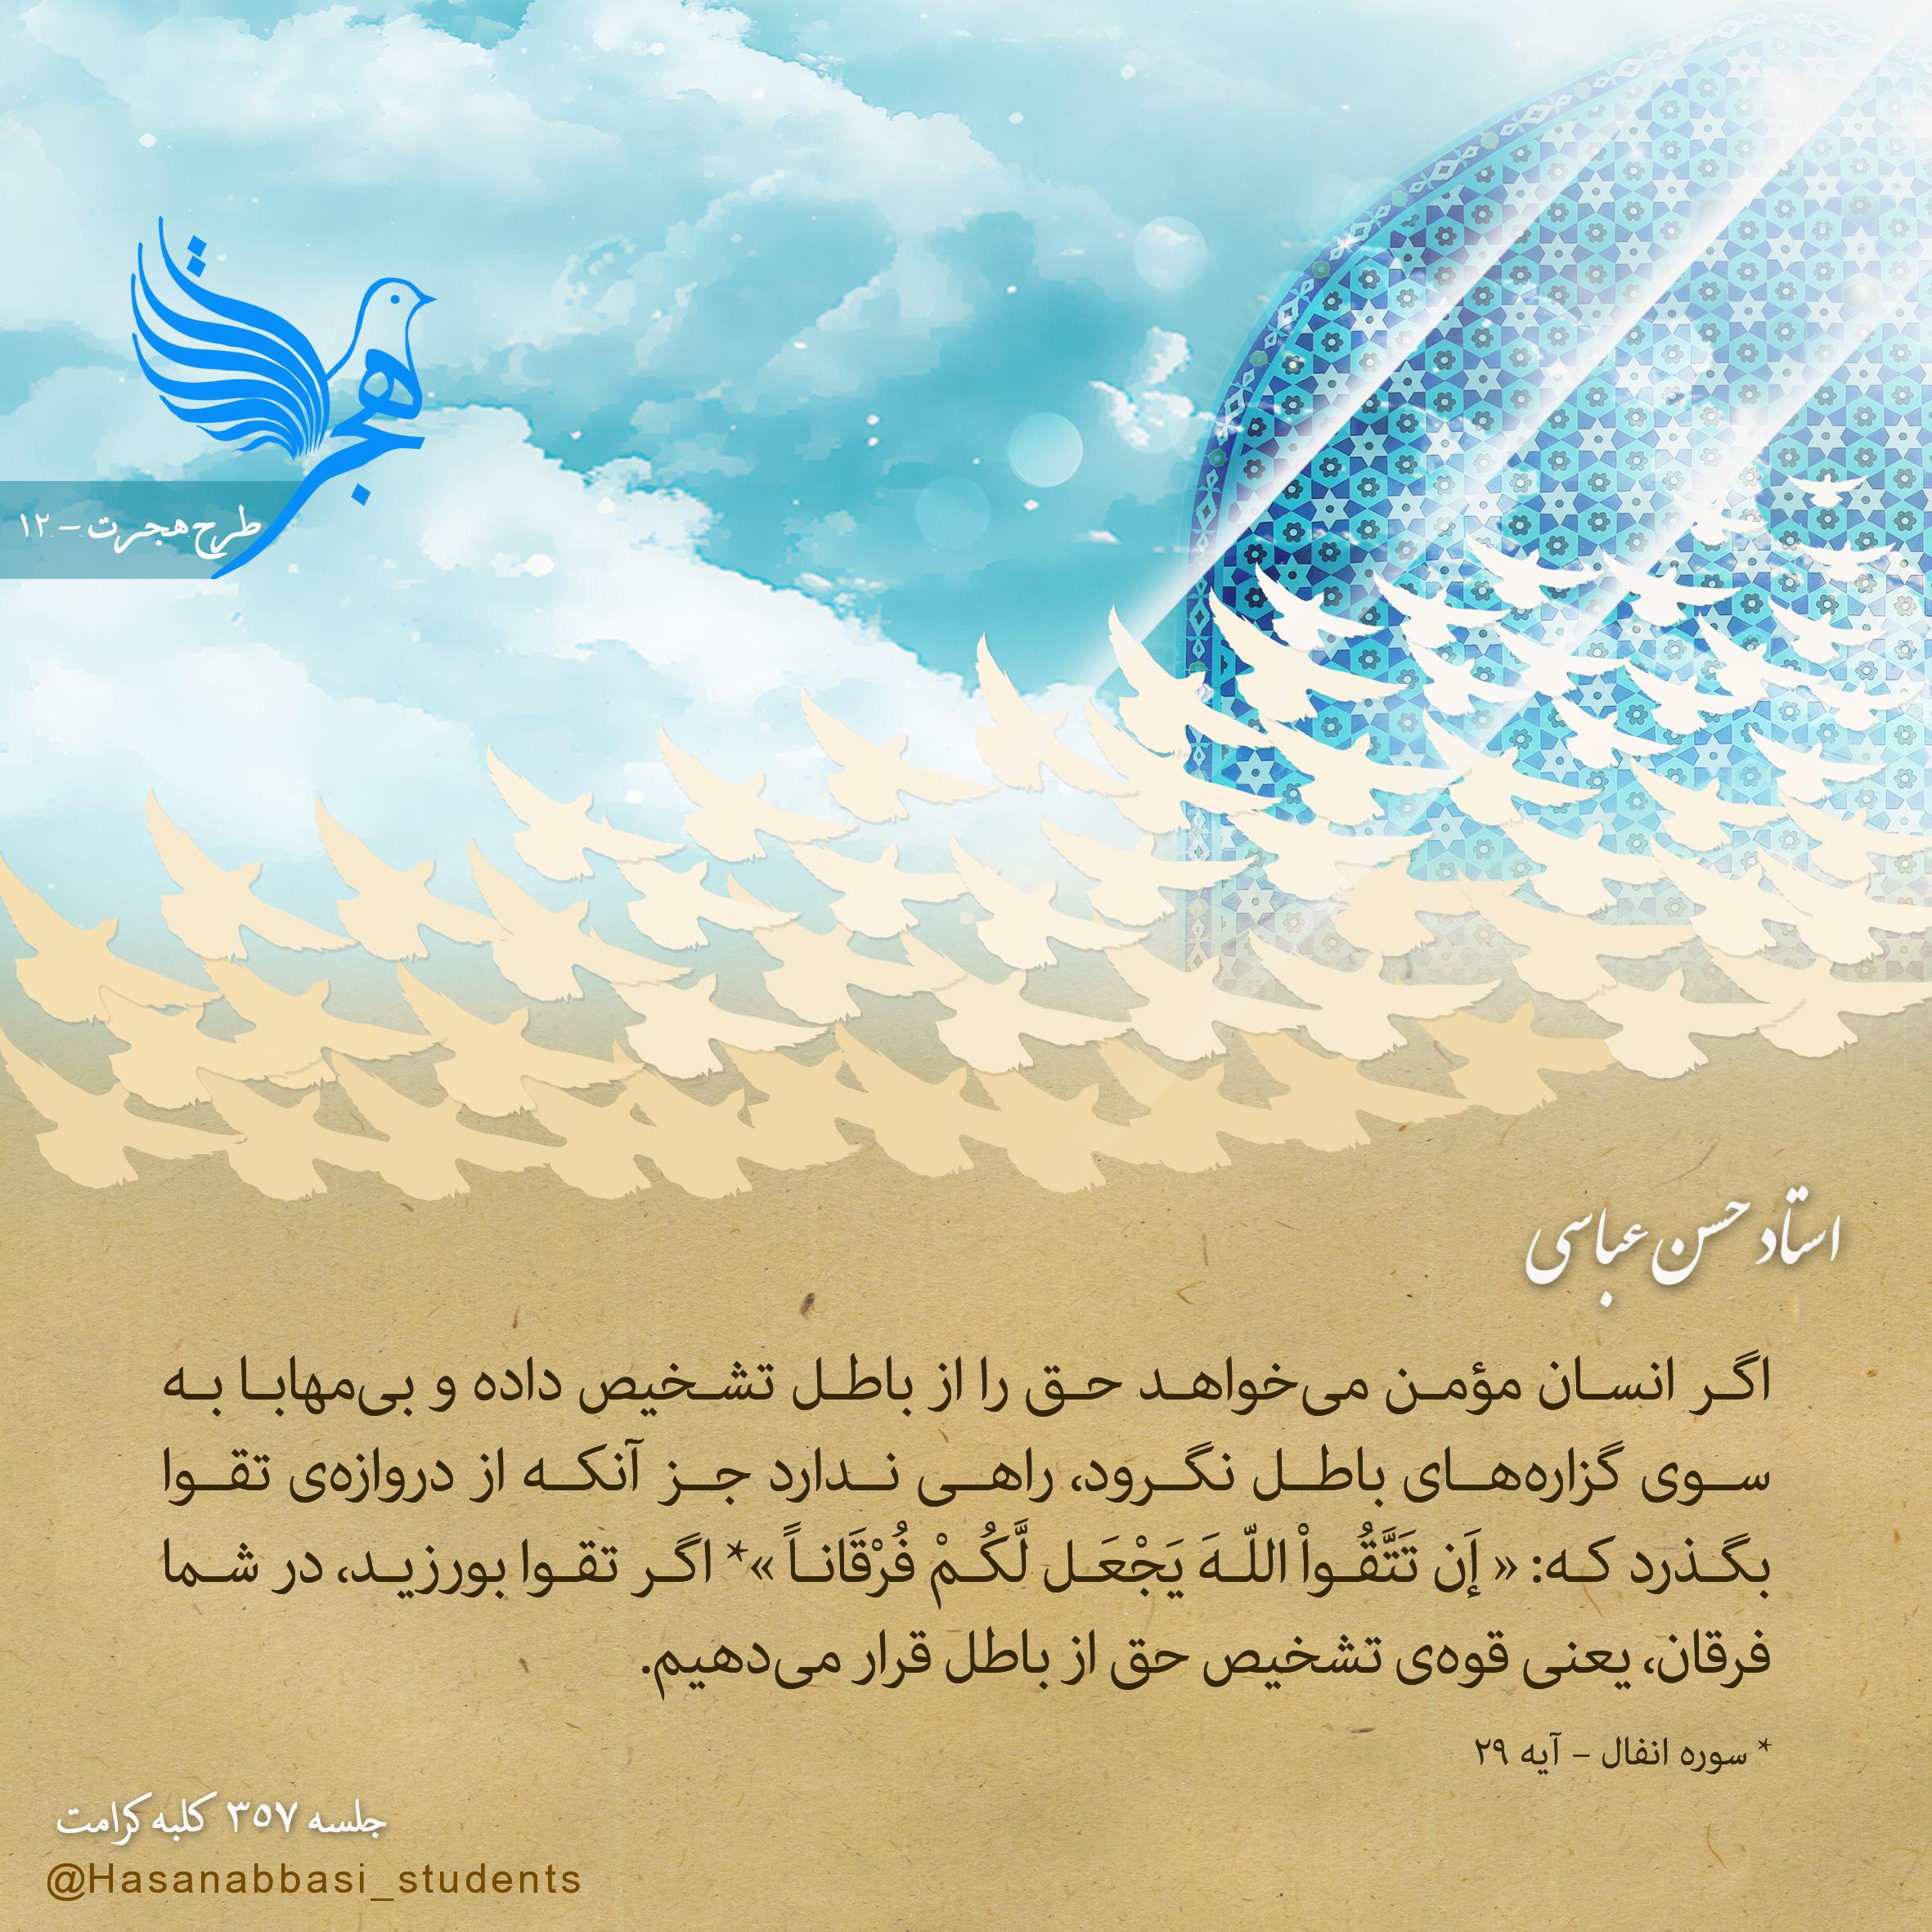 طرح هجرت 12 - «إَن تَتَّقُواْ اللّهَ یَجْعَل لَّکُمْ فُرْقَاناً »